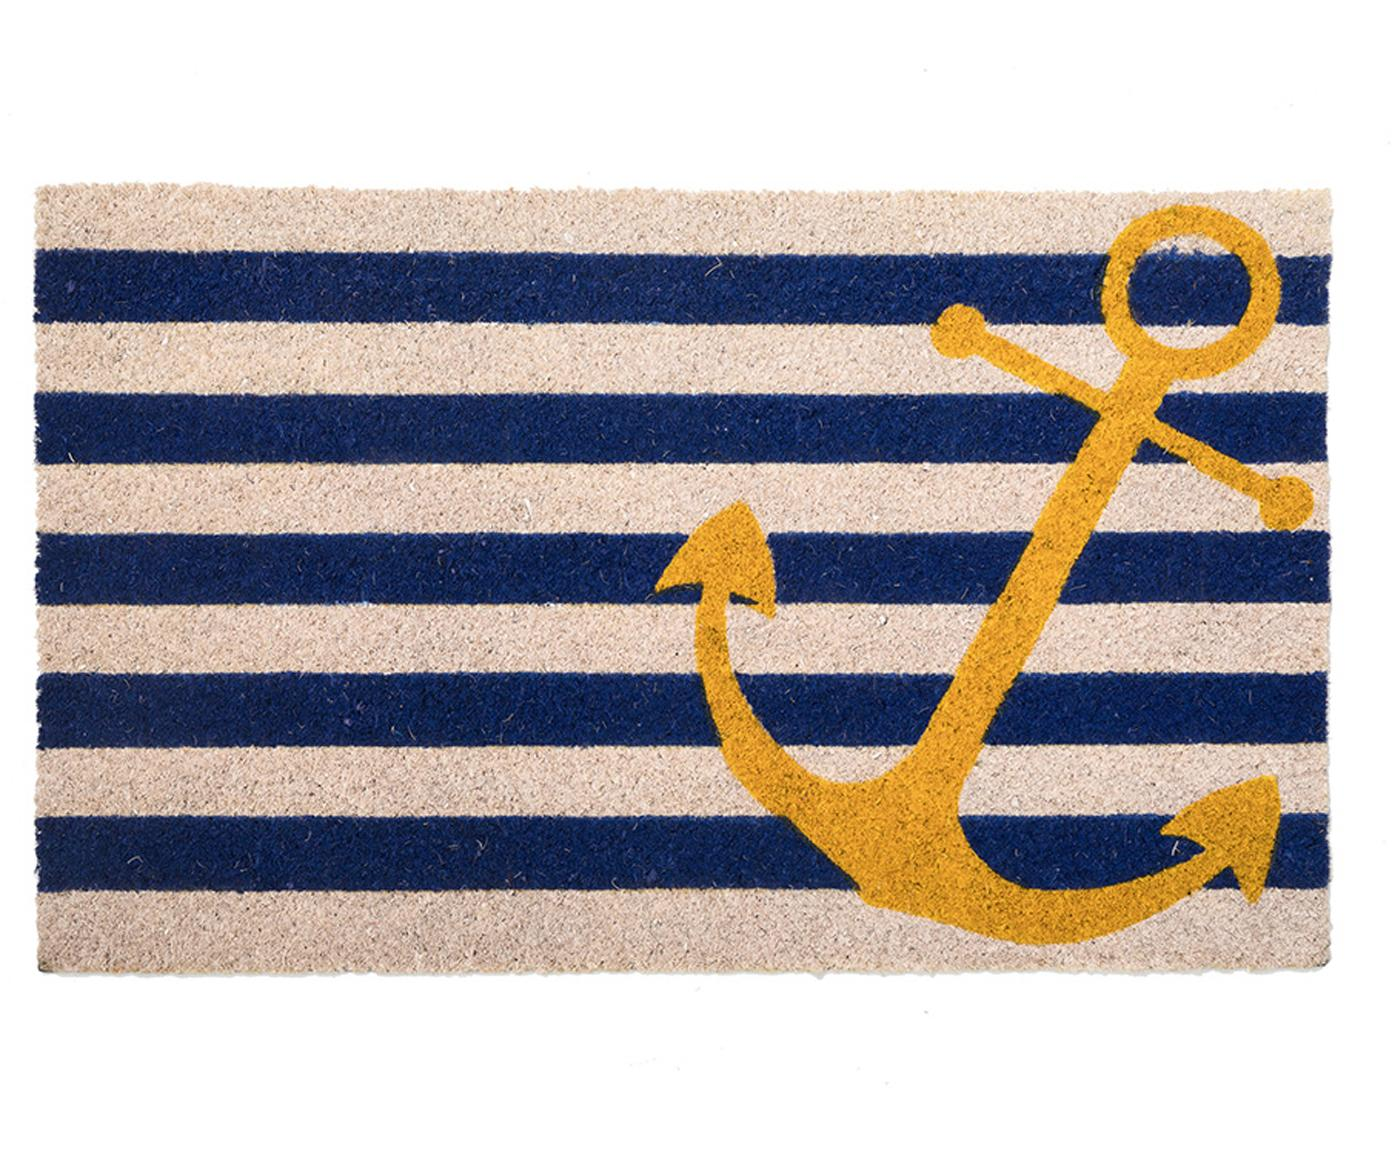 Felpudo Yellow Anchor, Fibras de coco, Beige claro, azul, amarillo, An 45 x L 75 cm